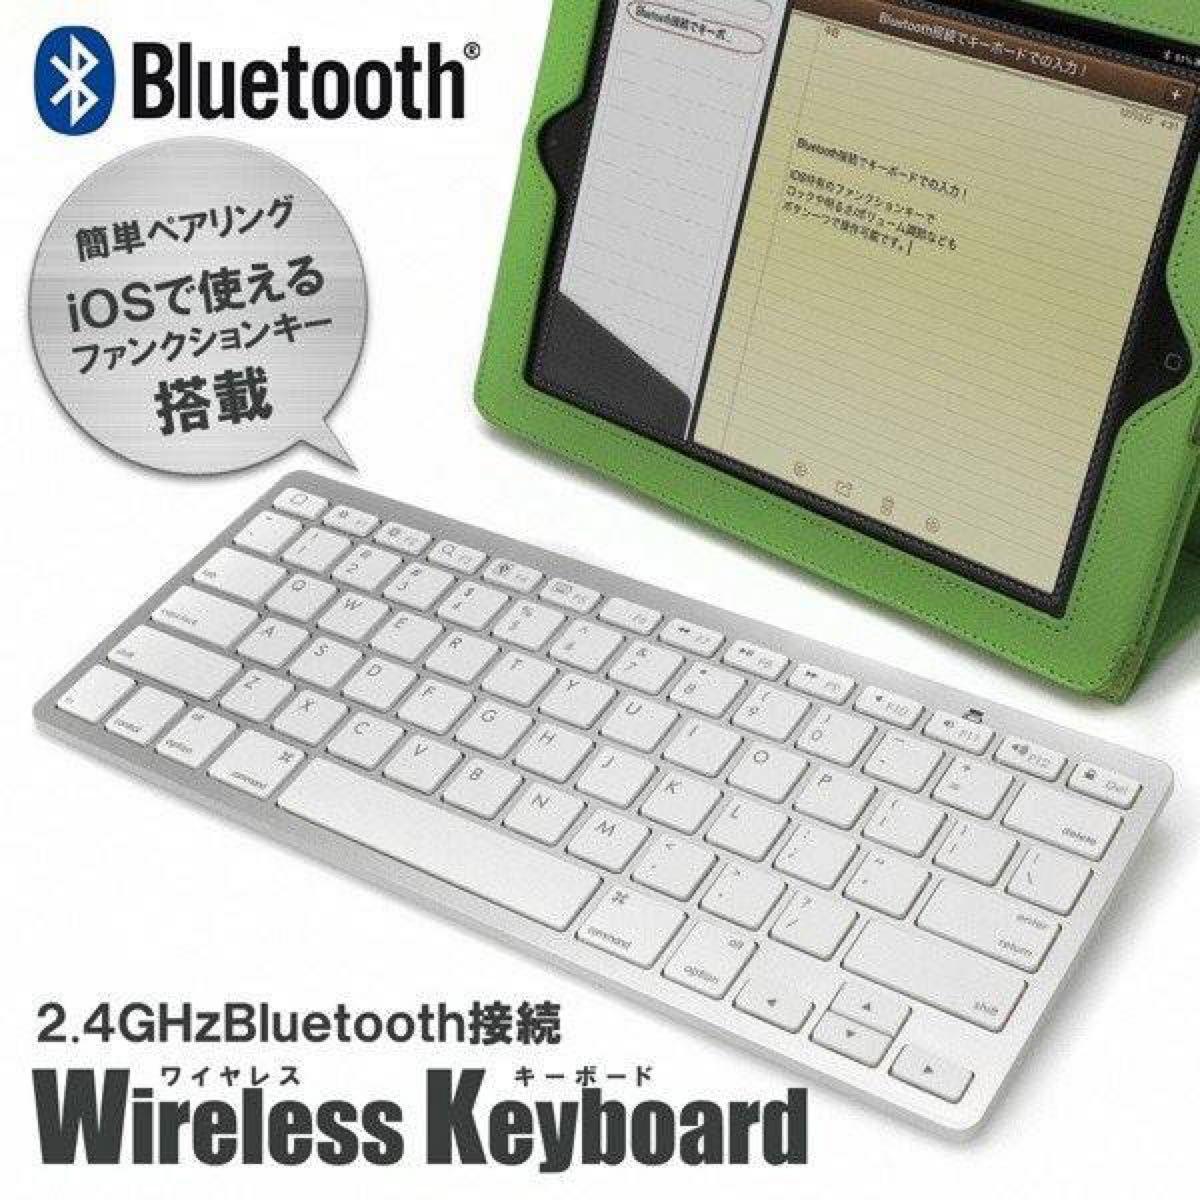 Bluetooth ワイヤレスキーボード 持ち運びらくら